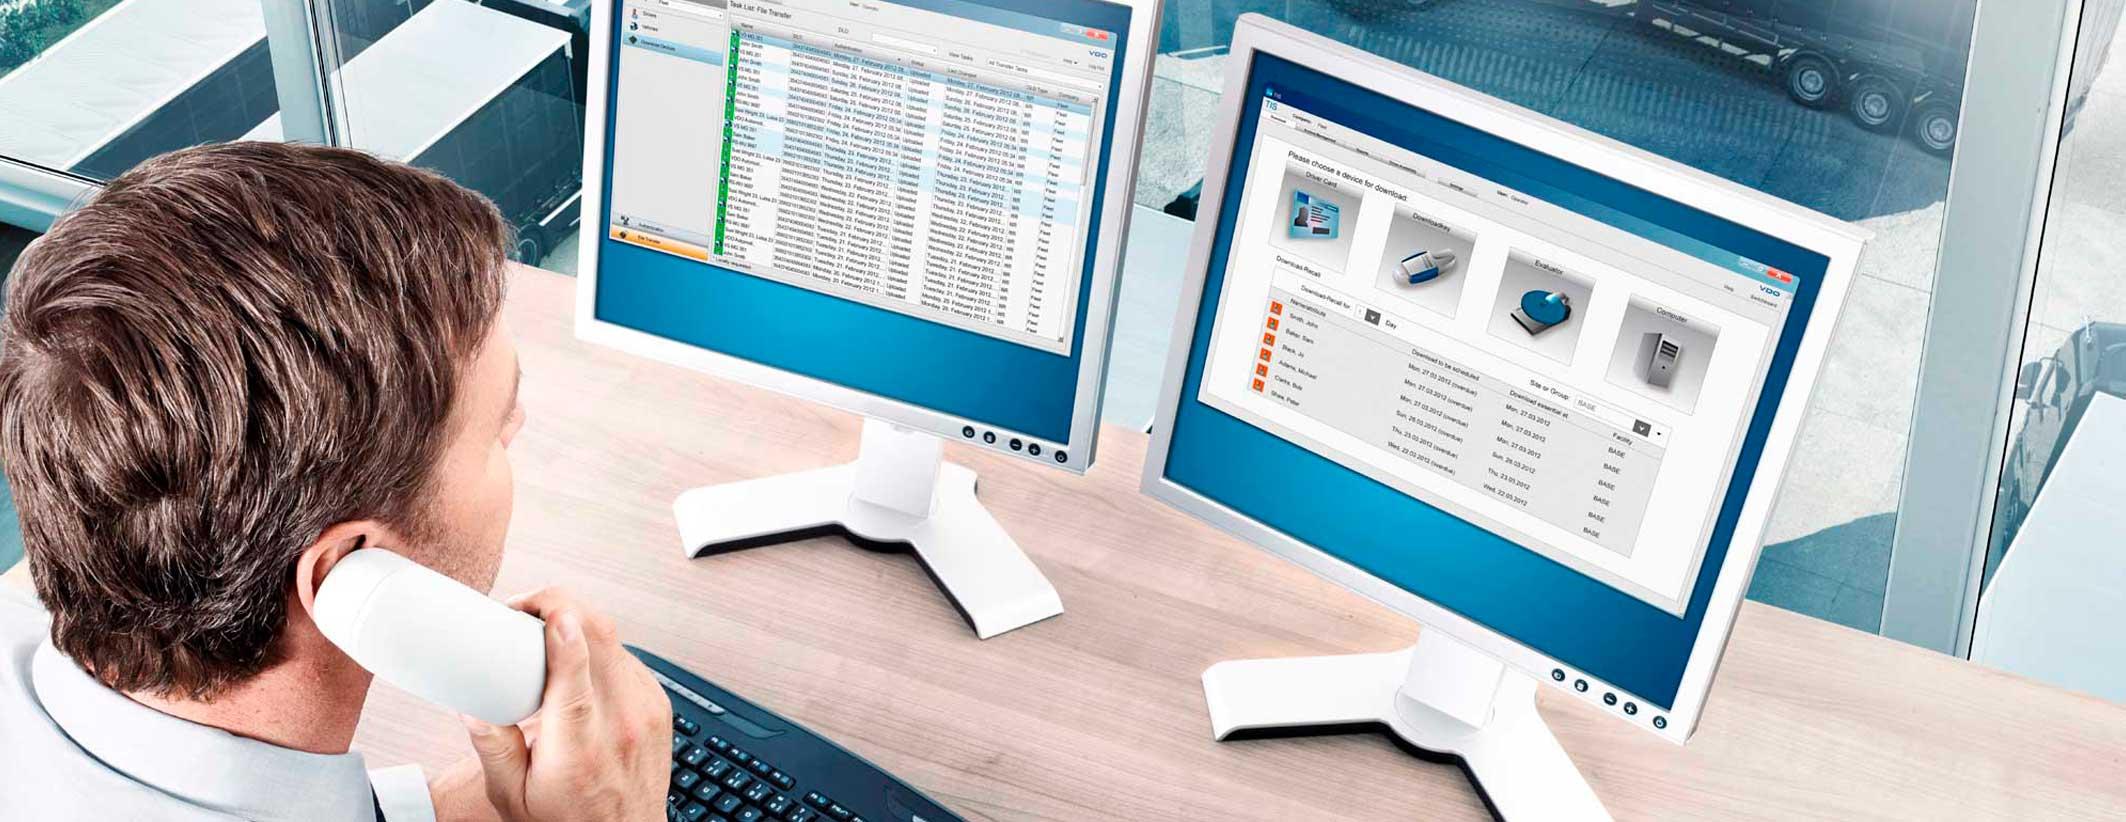 Gestion de datos tacografo digital